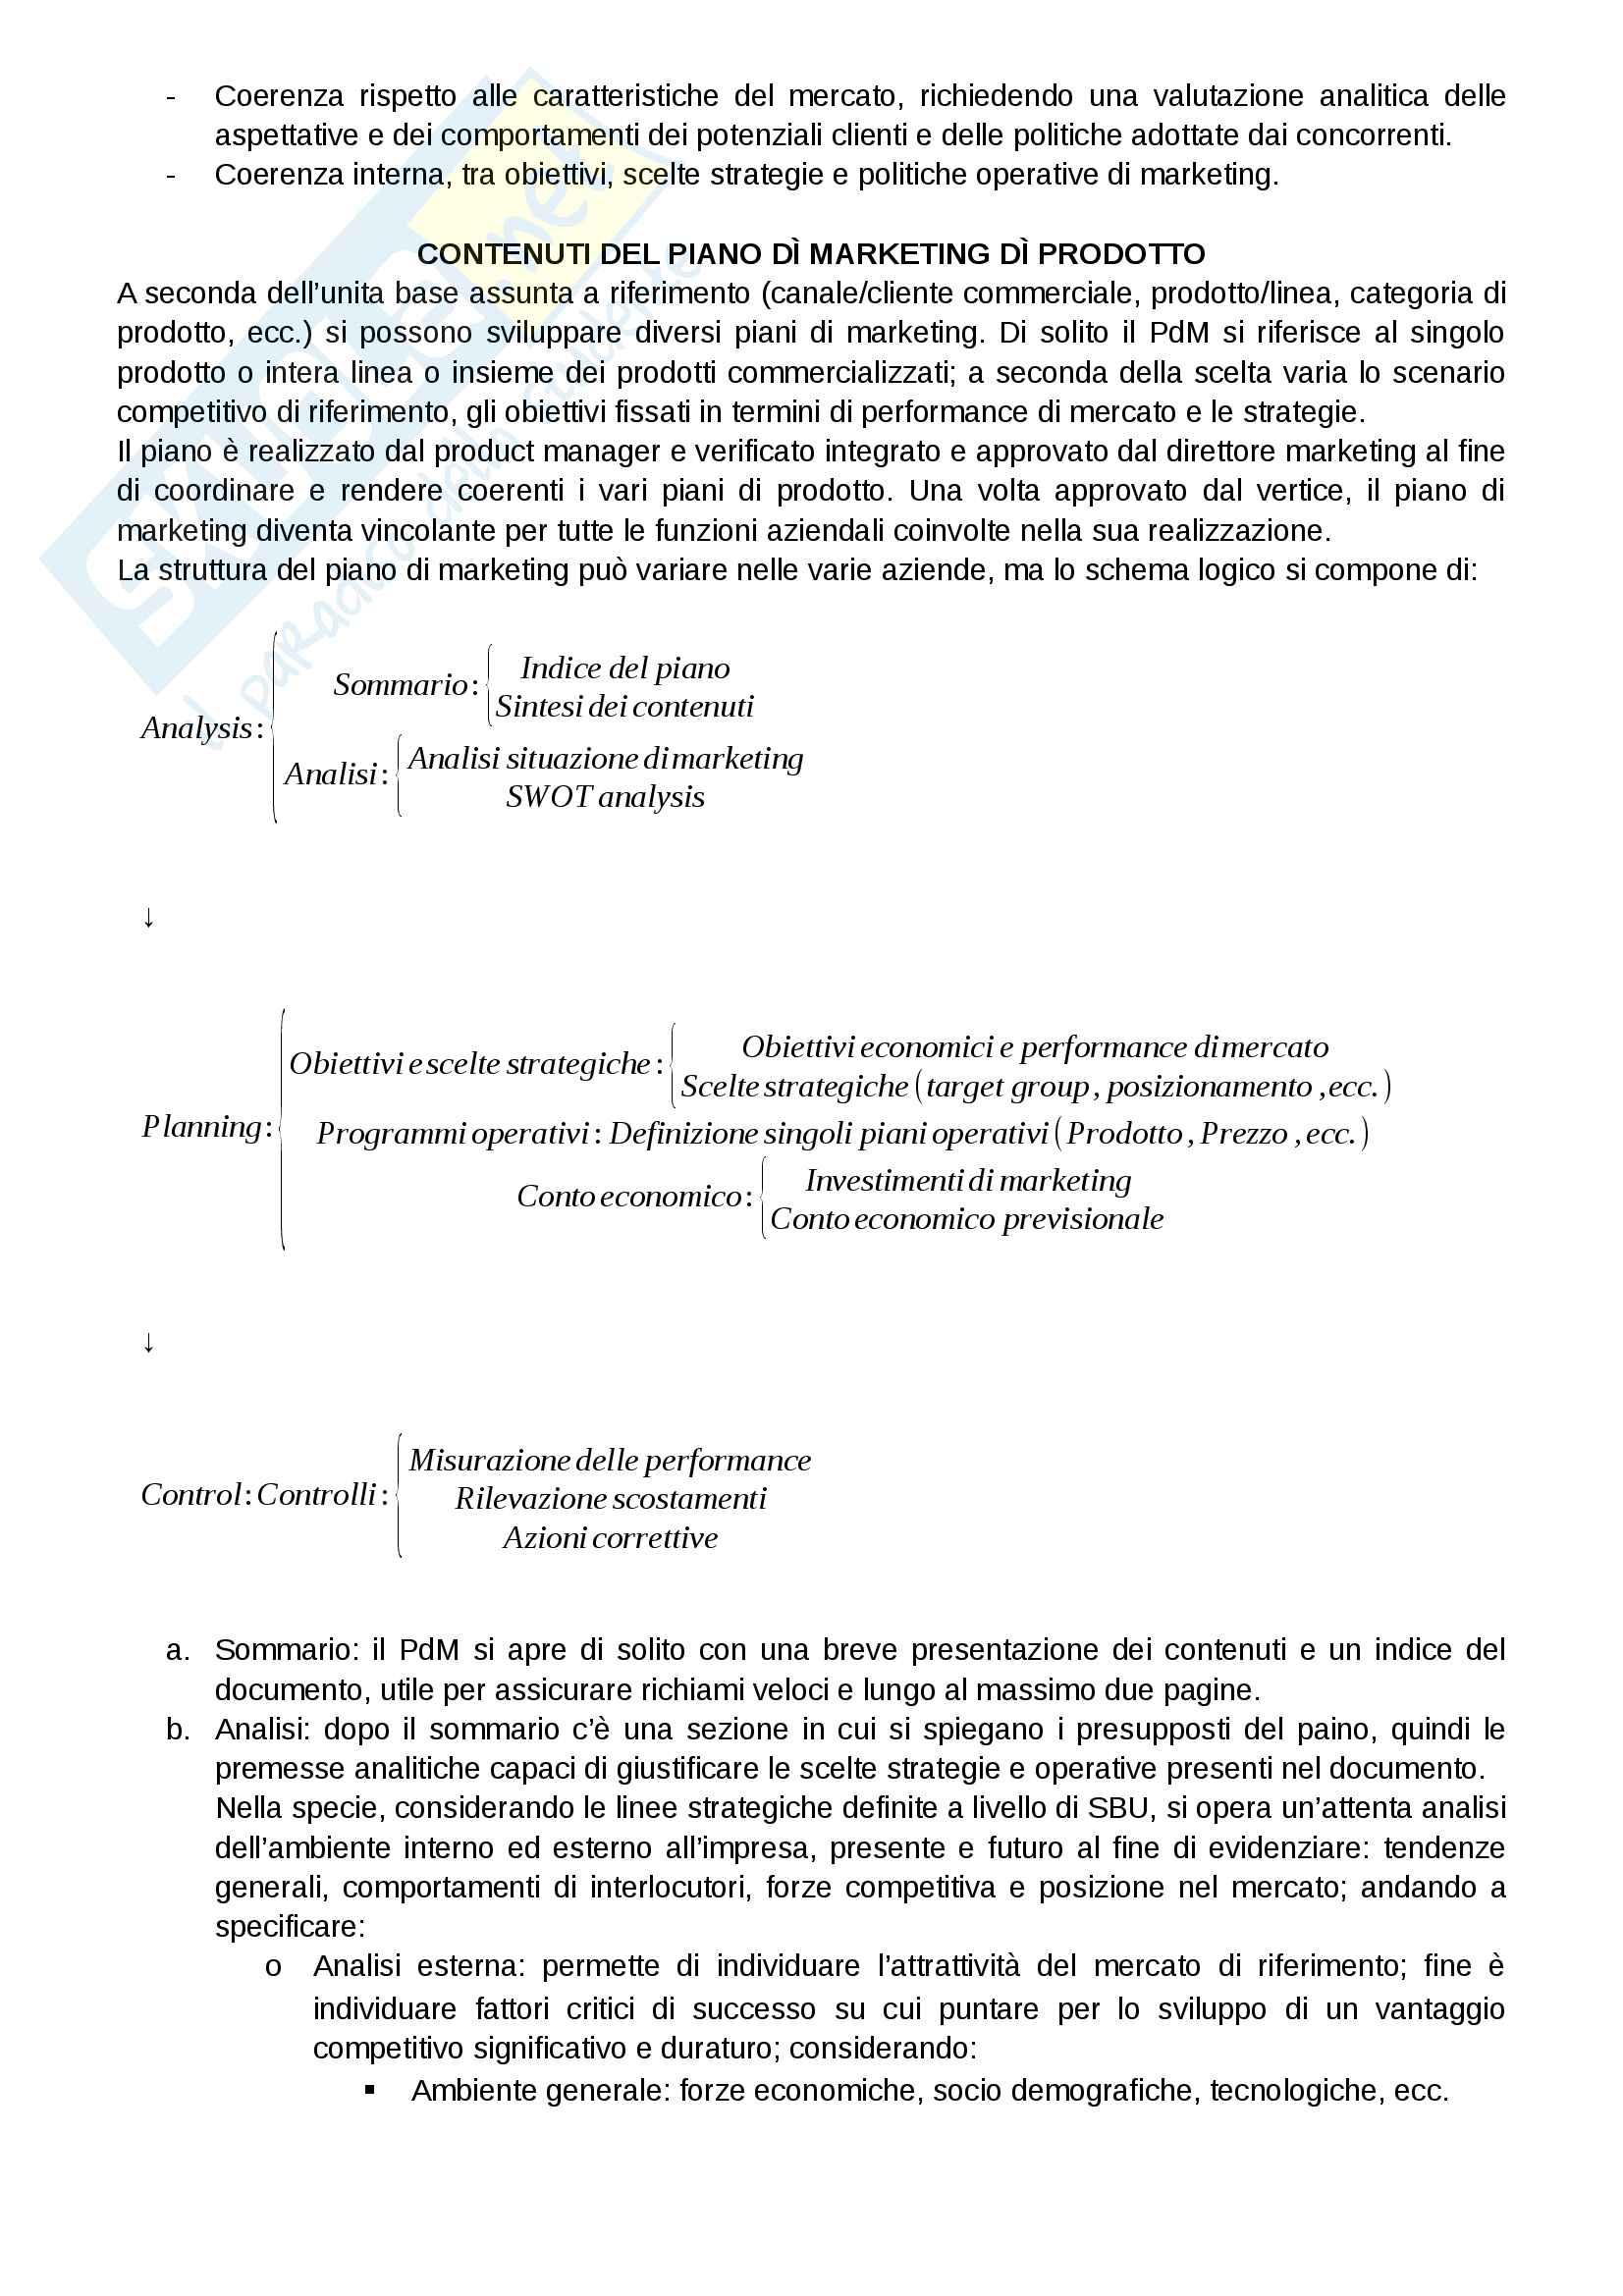 """Riassunto esame Marketing, docente Gian Luca Gregori, libro consigliato Marketing e creazione del valore"""", a cura di Giancarlo Ferrero Pag. 131"""